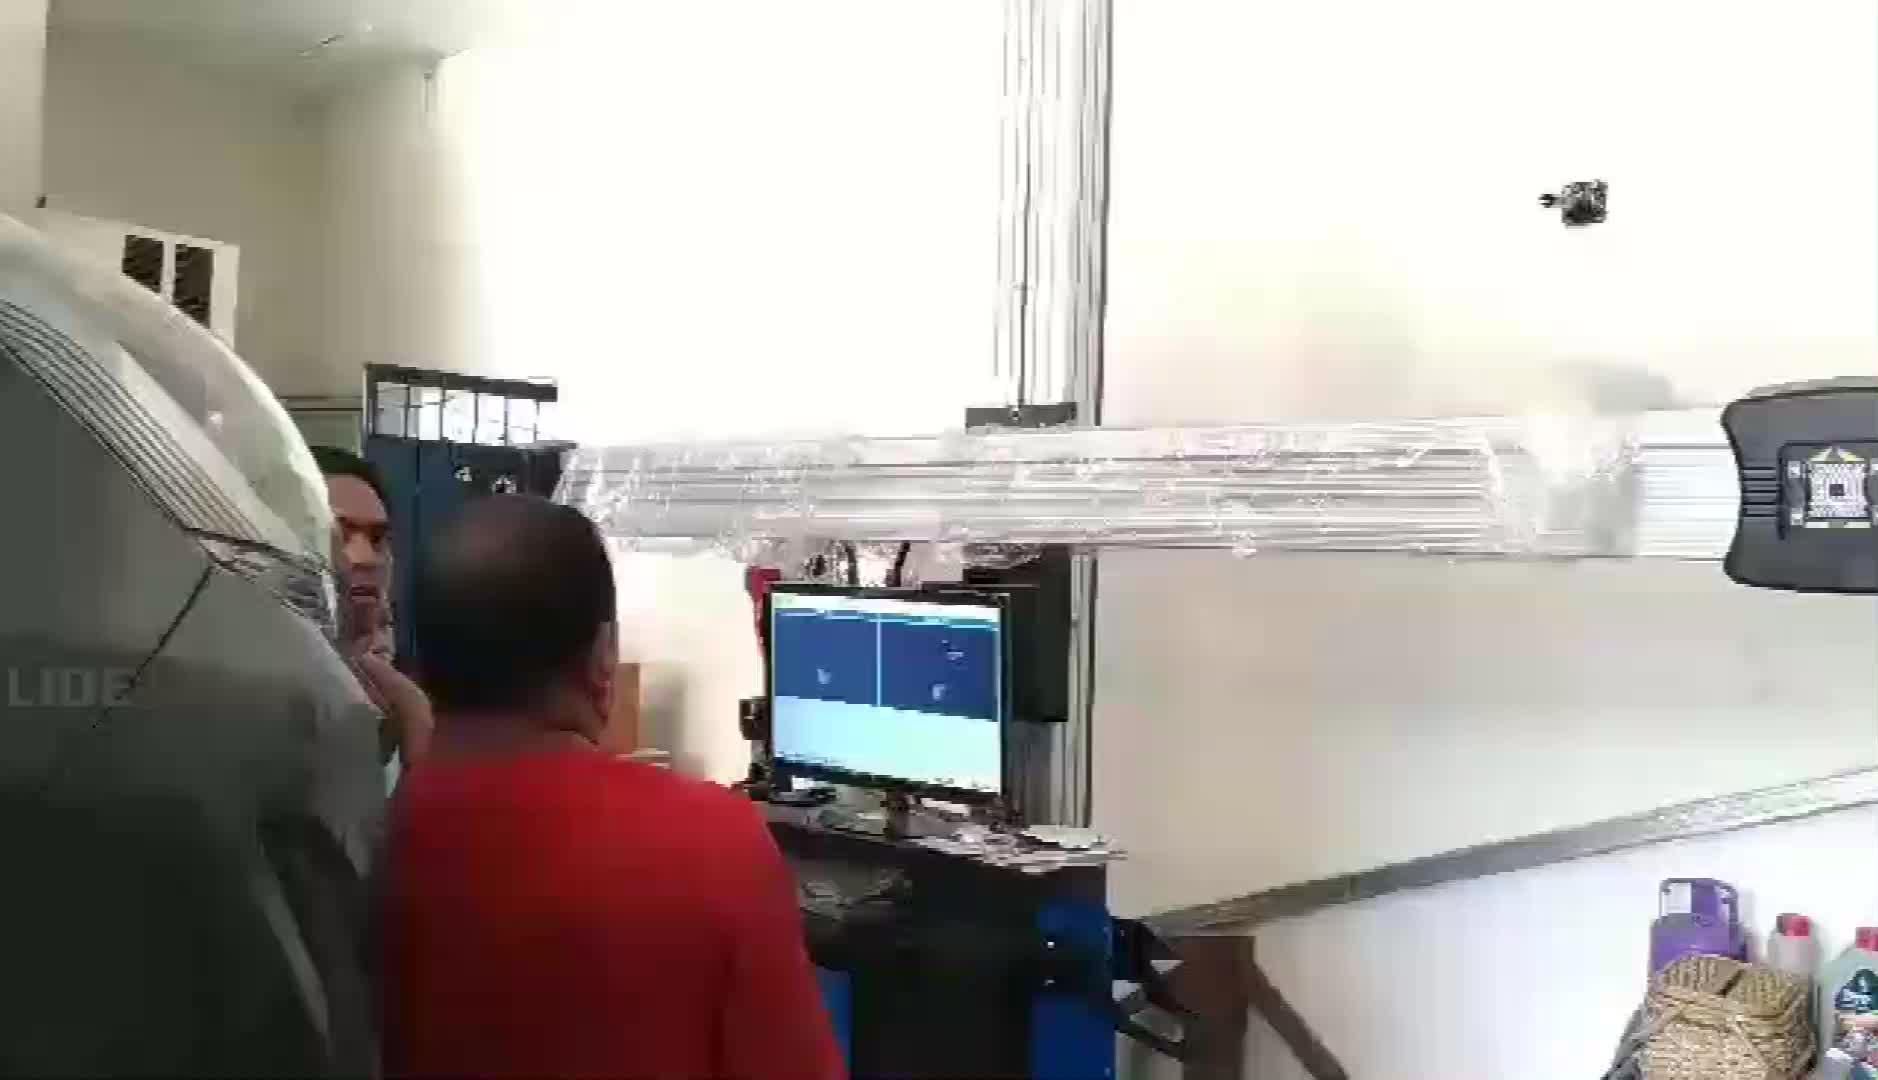 ใหม่และร้อน3Dเครื่องตั้งศูนย์รถbalancerล้อและเครื่องตั้งศูนย์ล้อ